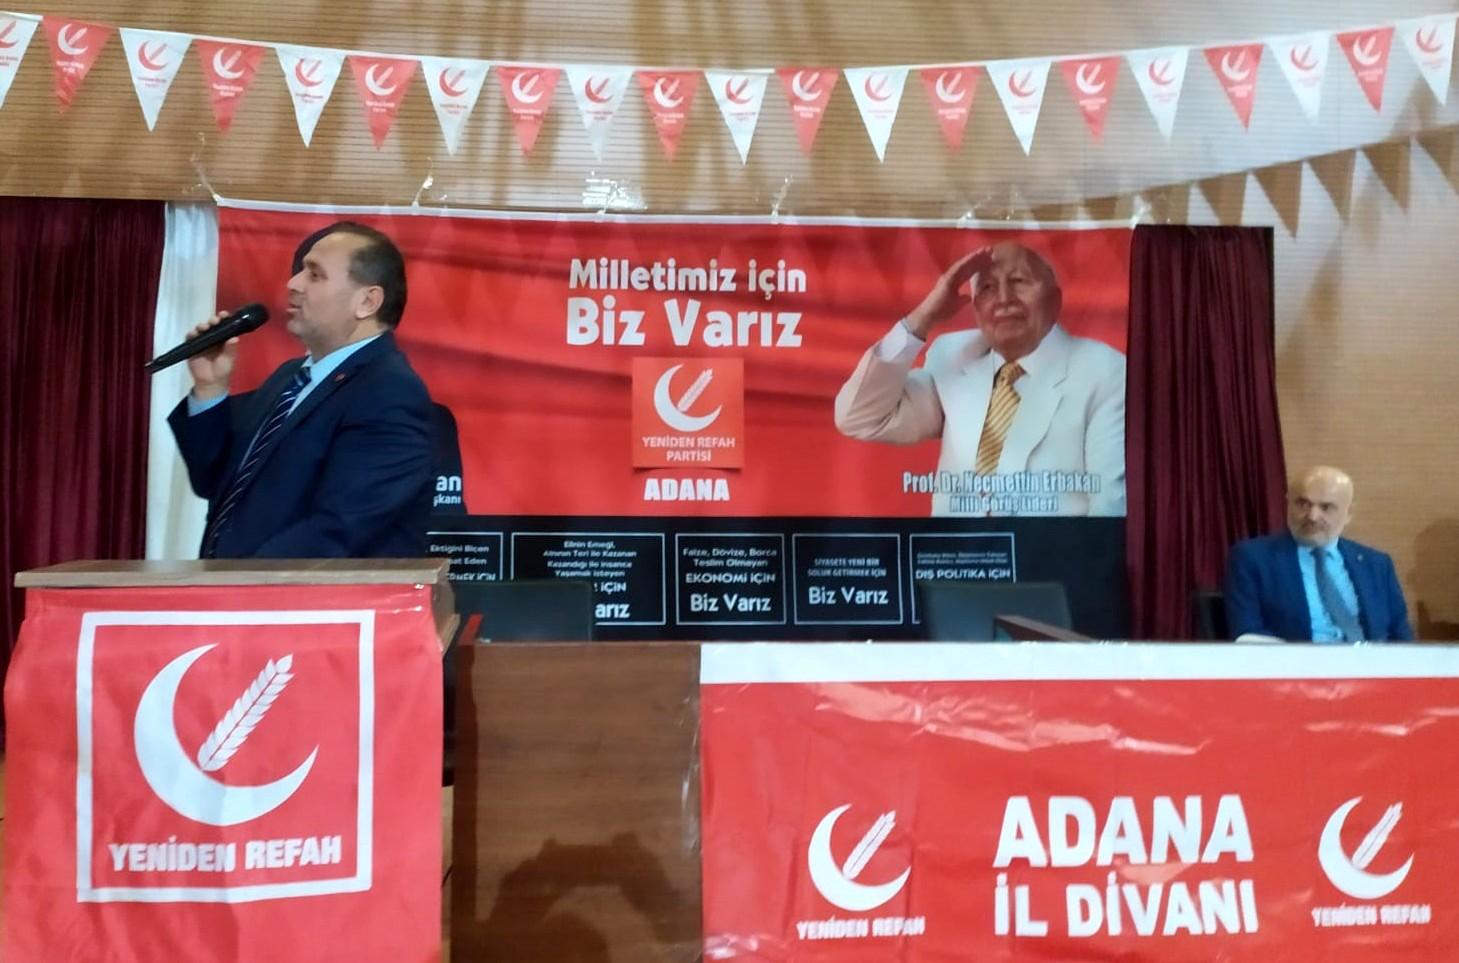 Aylık düzenli olarak yaptığı divan toplantılarında Kasım ayı divanına yoğun ilgi vardı. Açılış konuşmasını Adana İl Başkanı Selahattin Baysal yaptı